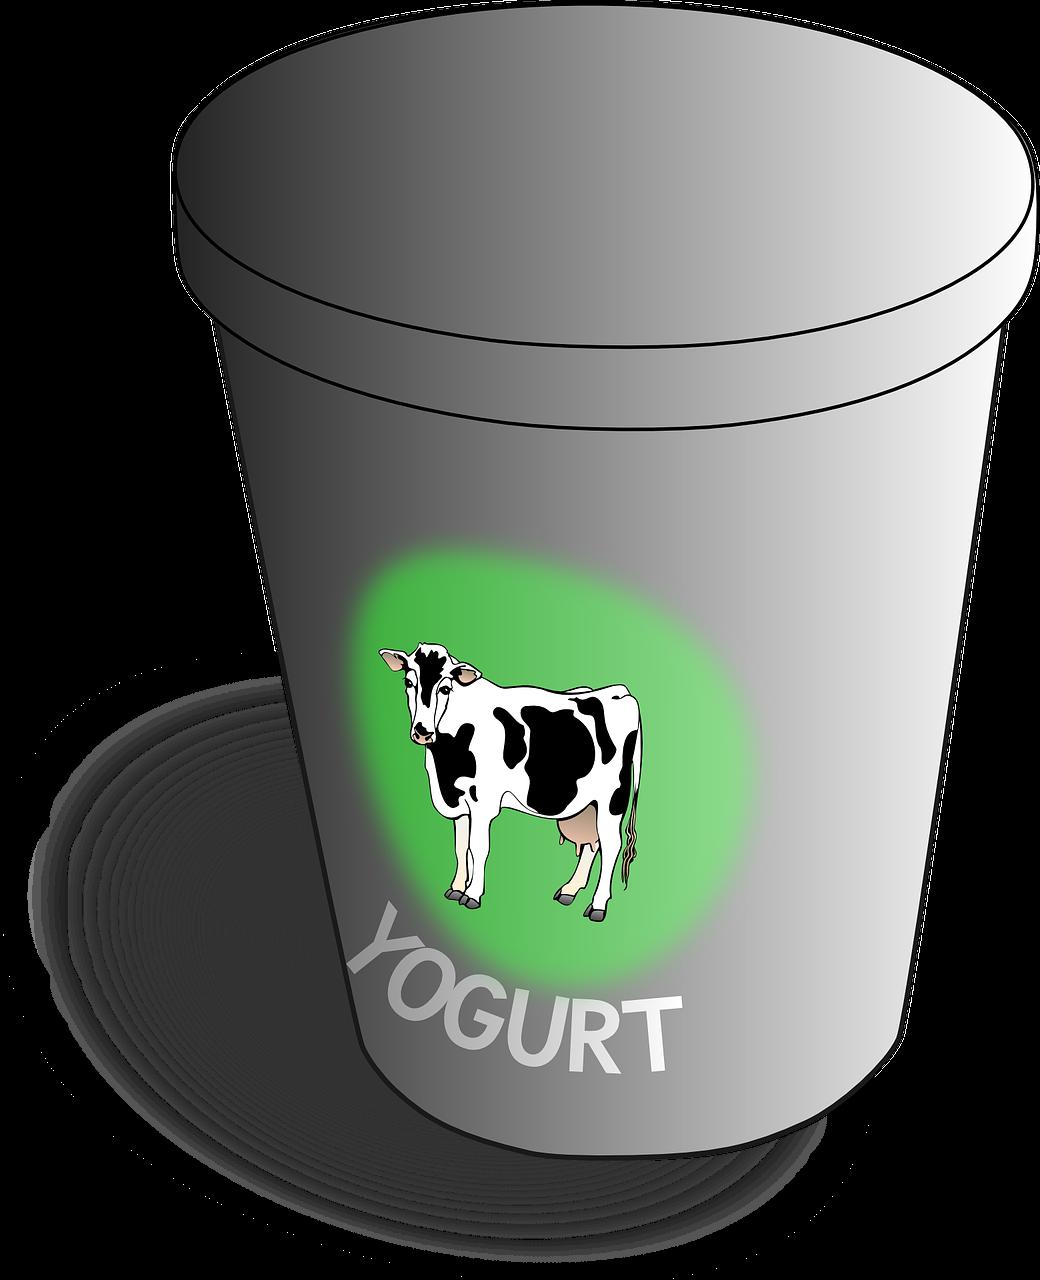 Healing treatment for headache. Yogurt clipart curd